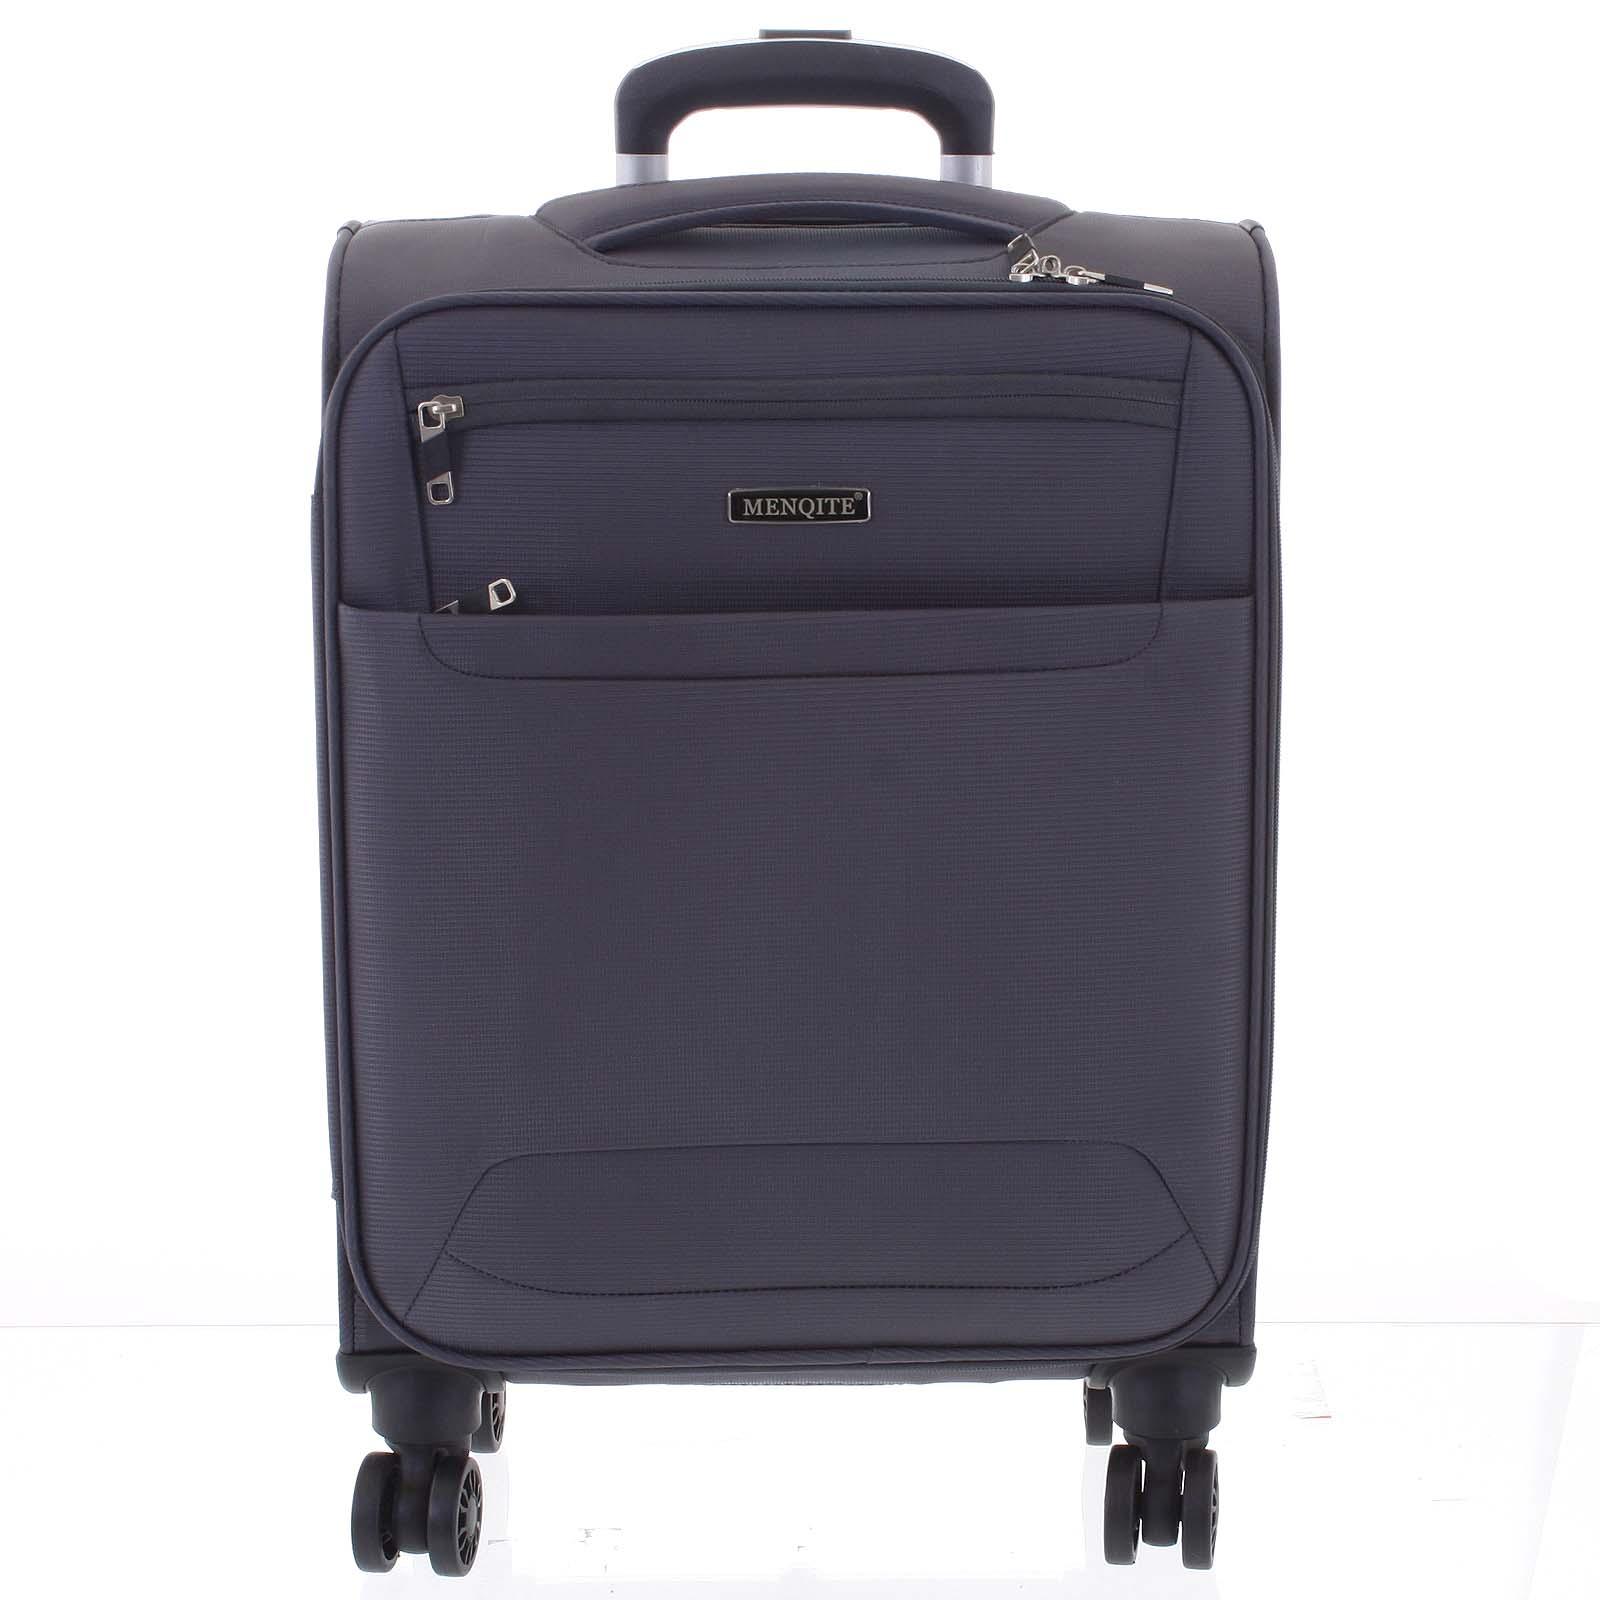 Nadčasový ľahký látkový cestovný kufor sivý - Menqite Timeless M